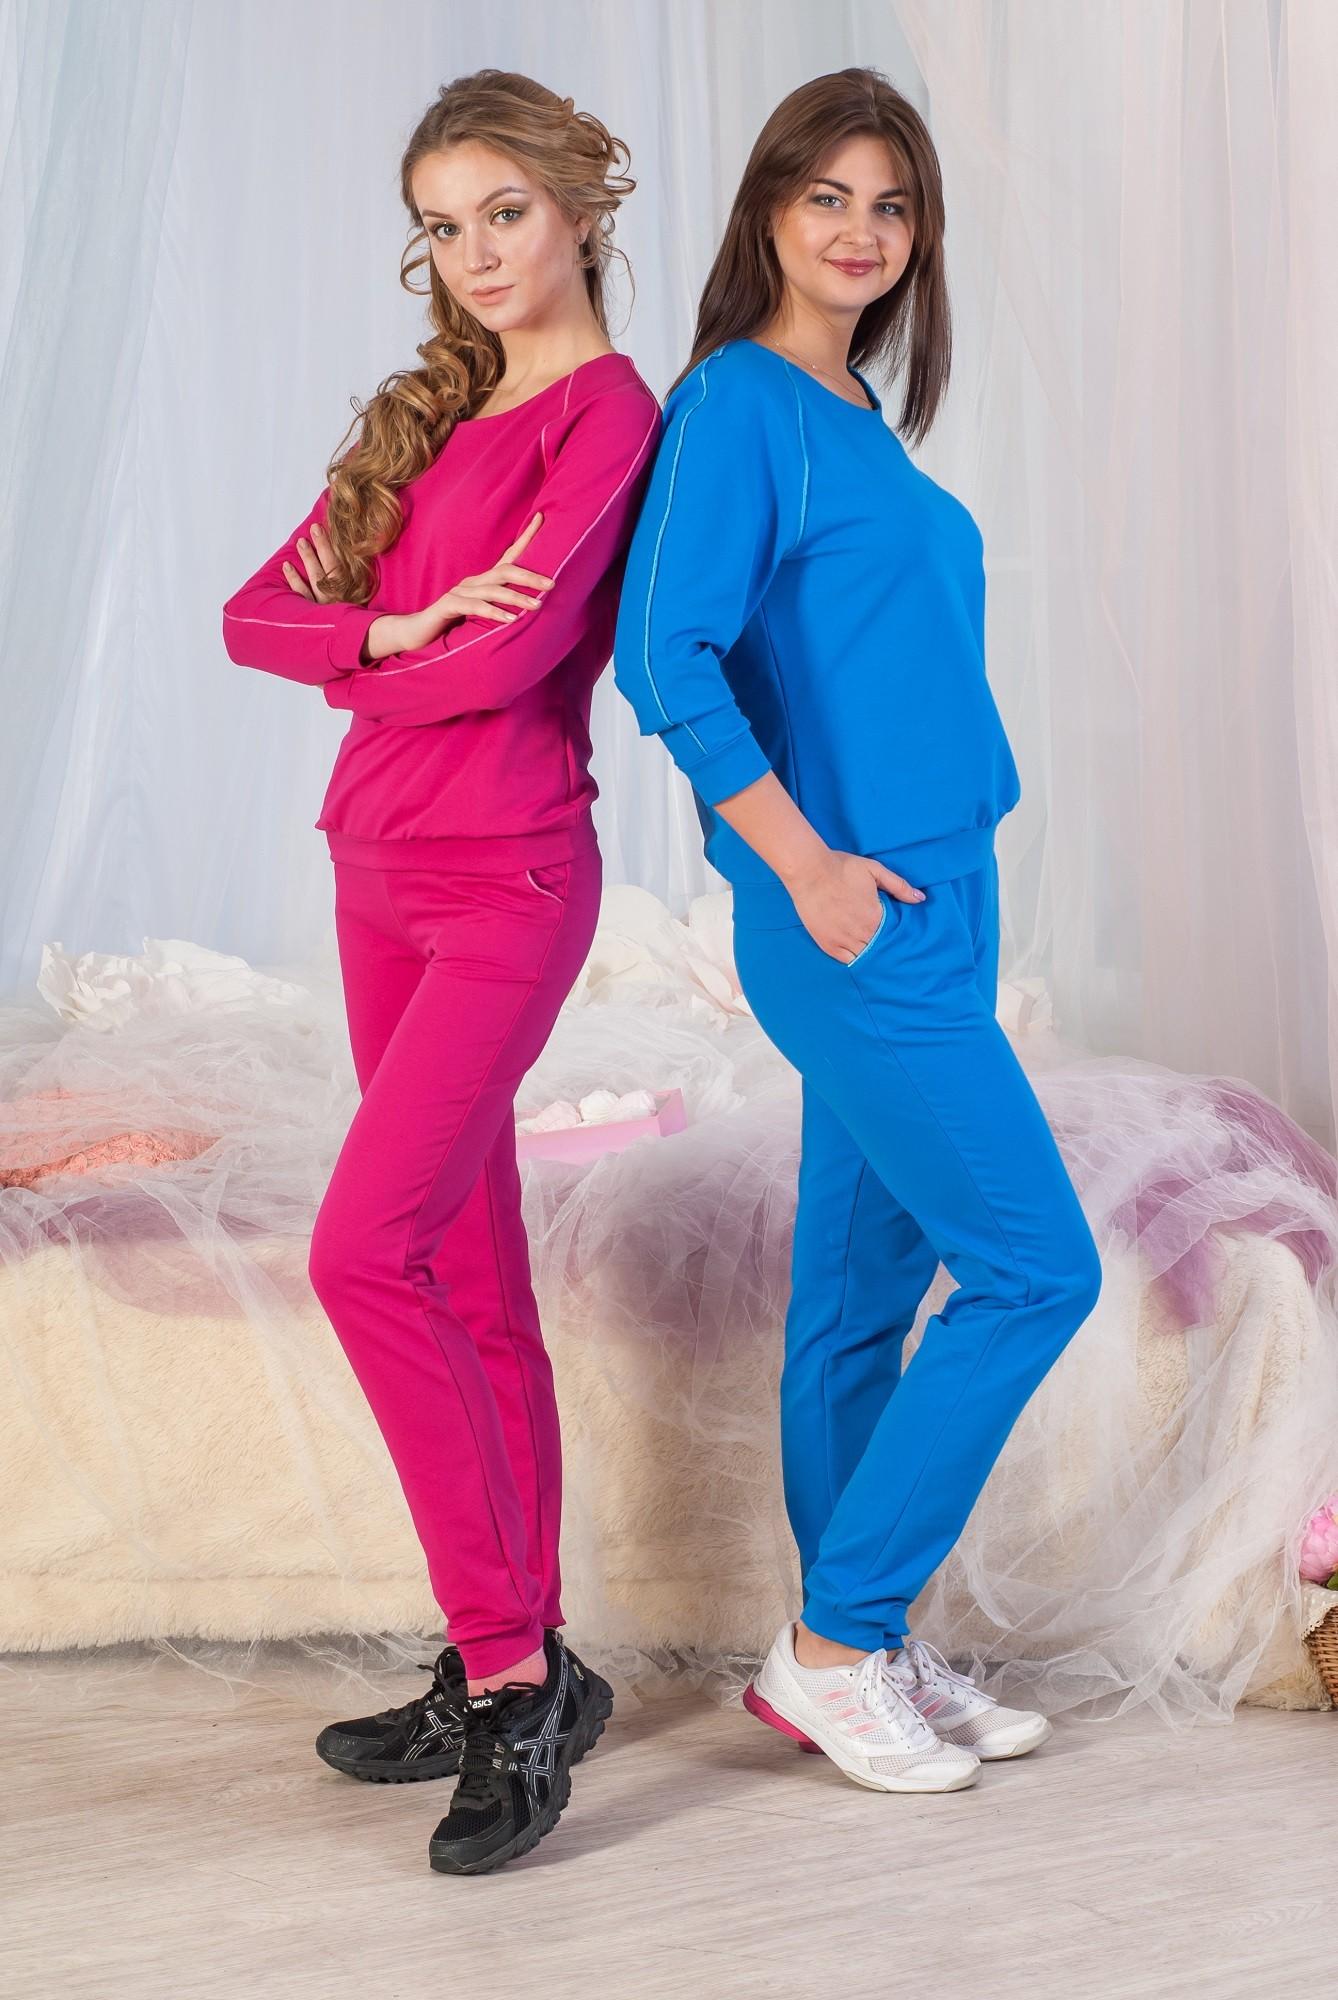 Костюм домашний женский Тренд толстовка и брюкиДомашние комплекты, костюмы<br><br><br>Размер: 50